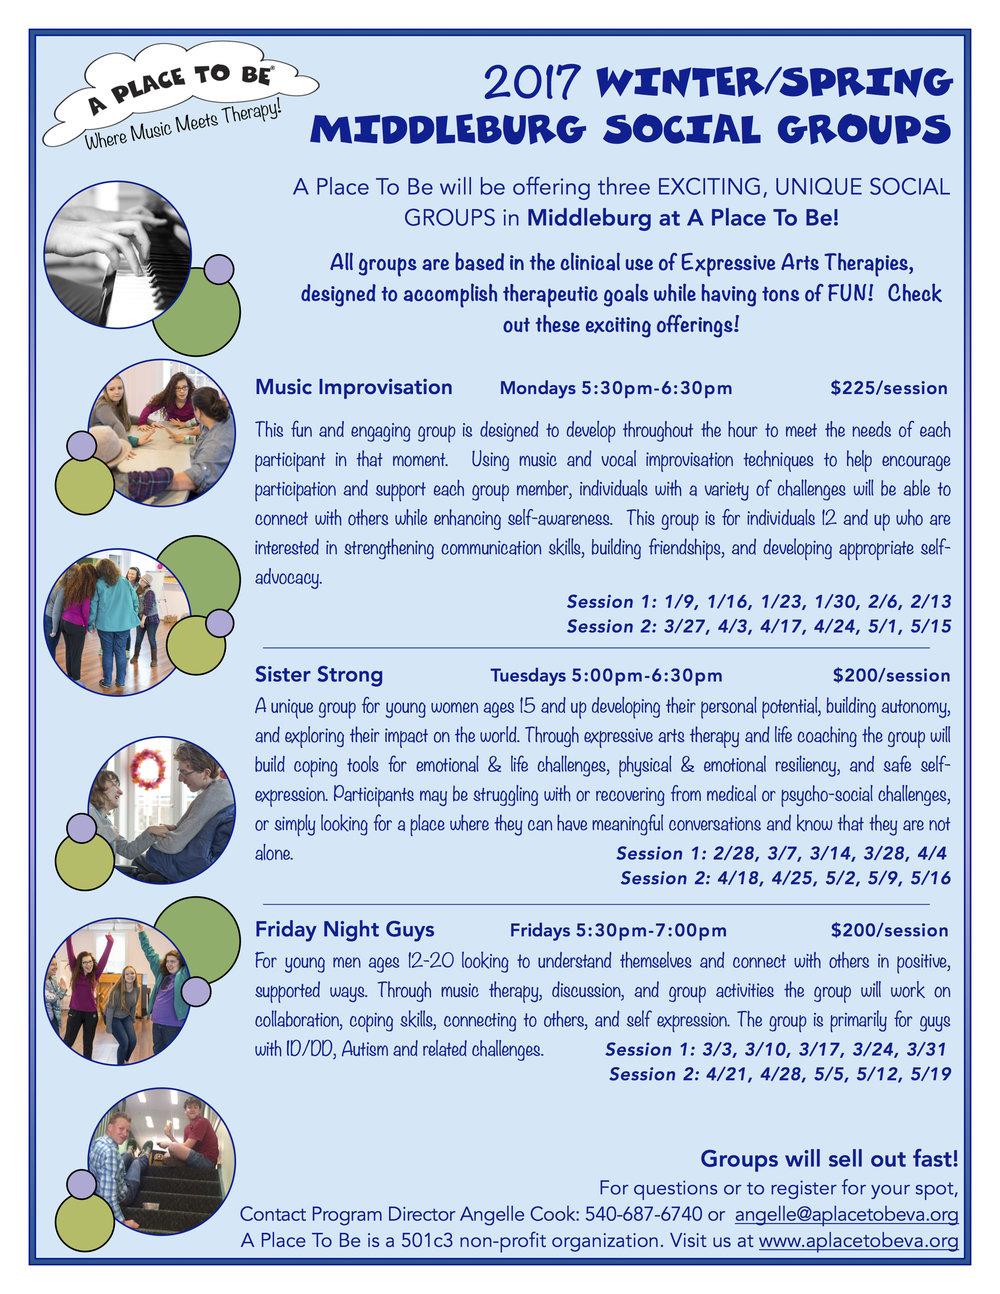 2017 Spring Middleburg Social Groups revised (1).jpg